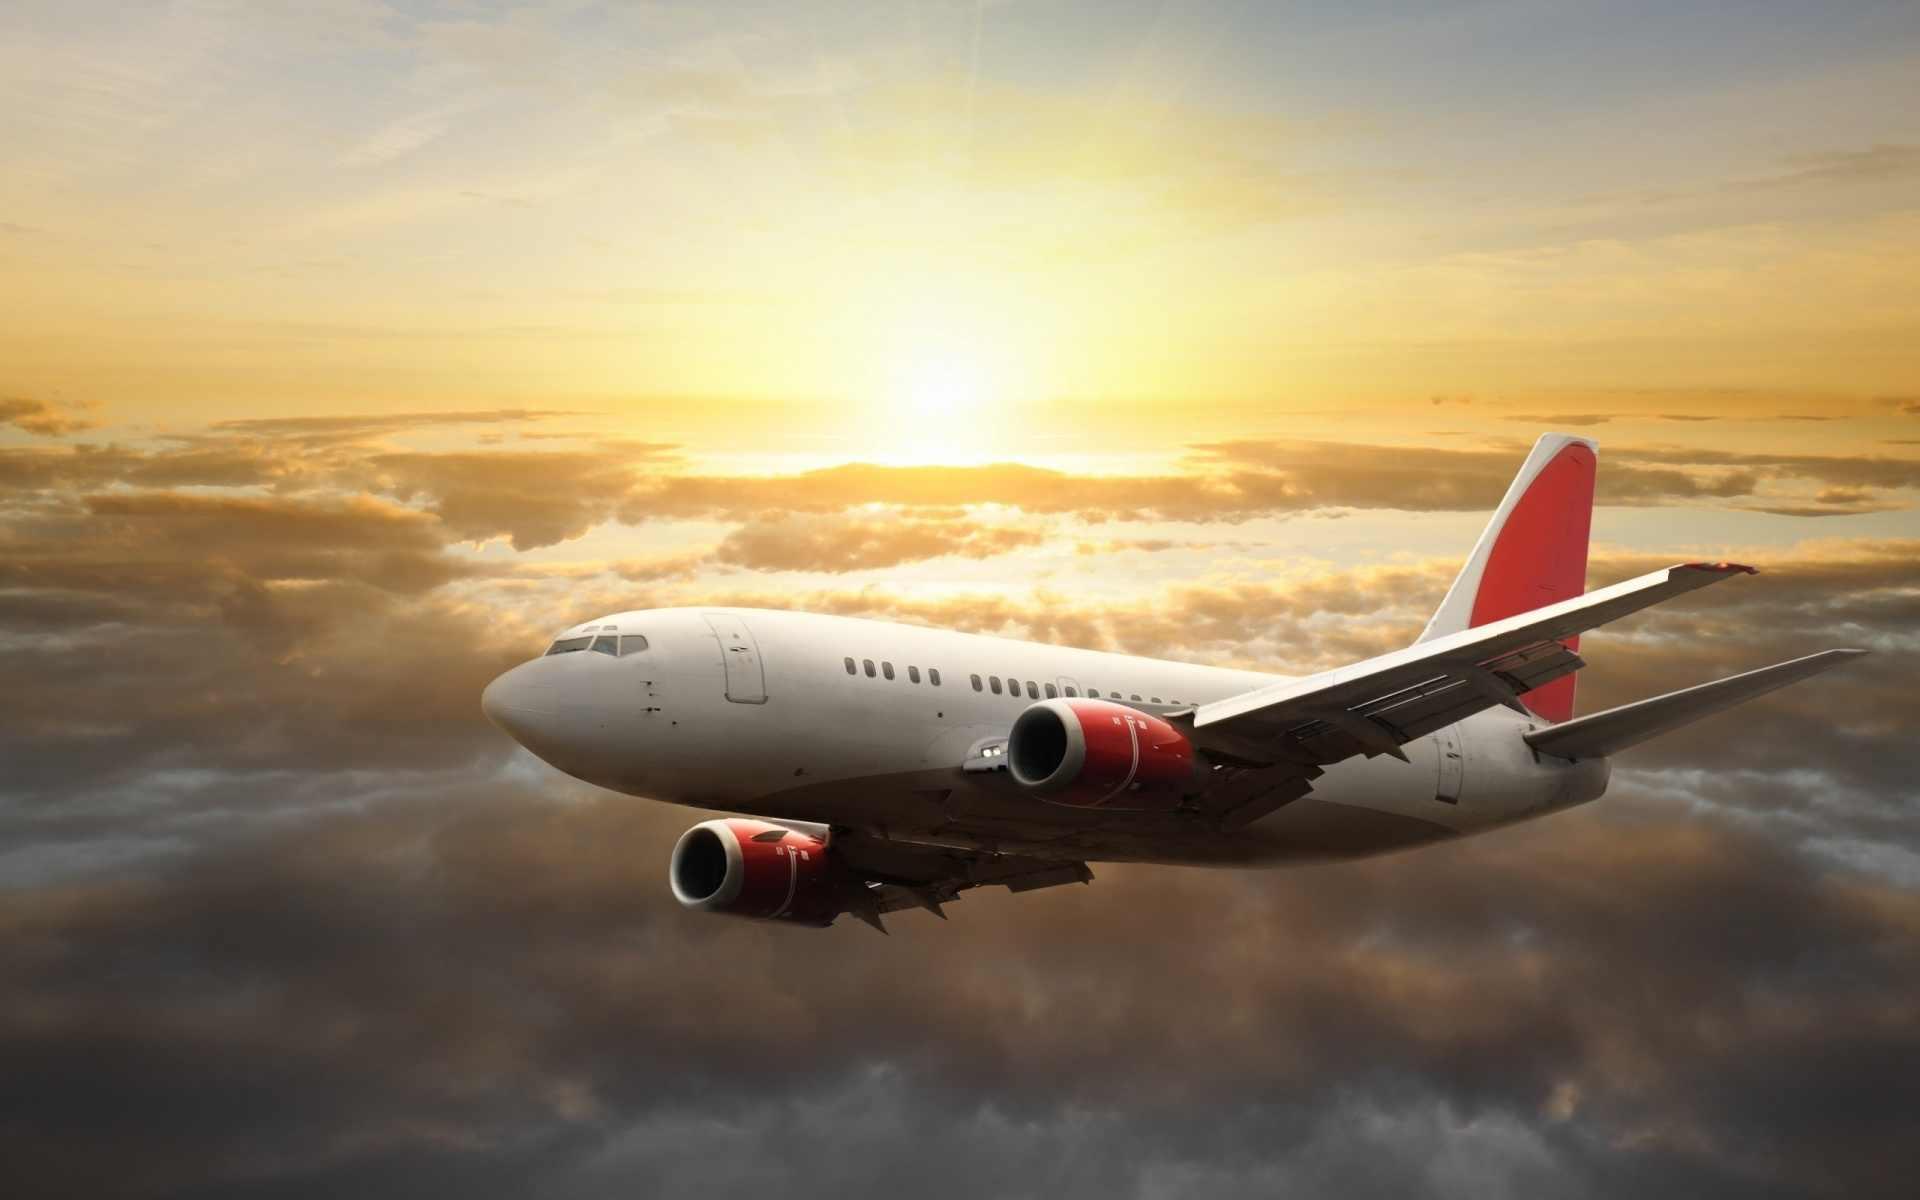 Plane-Red.jpg